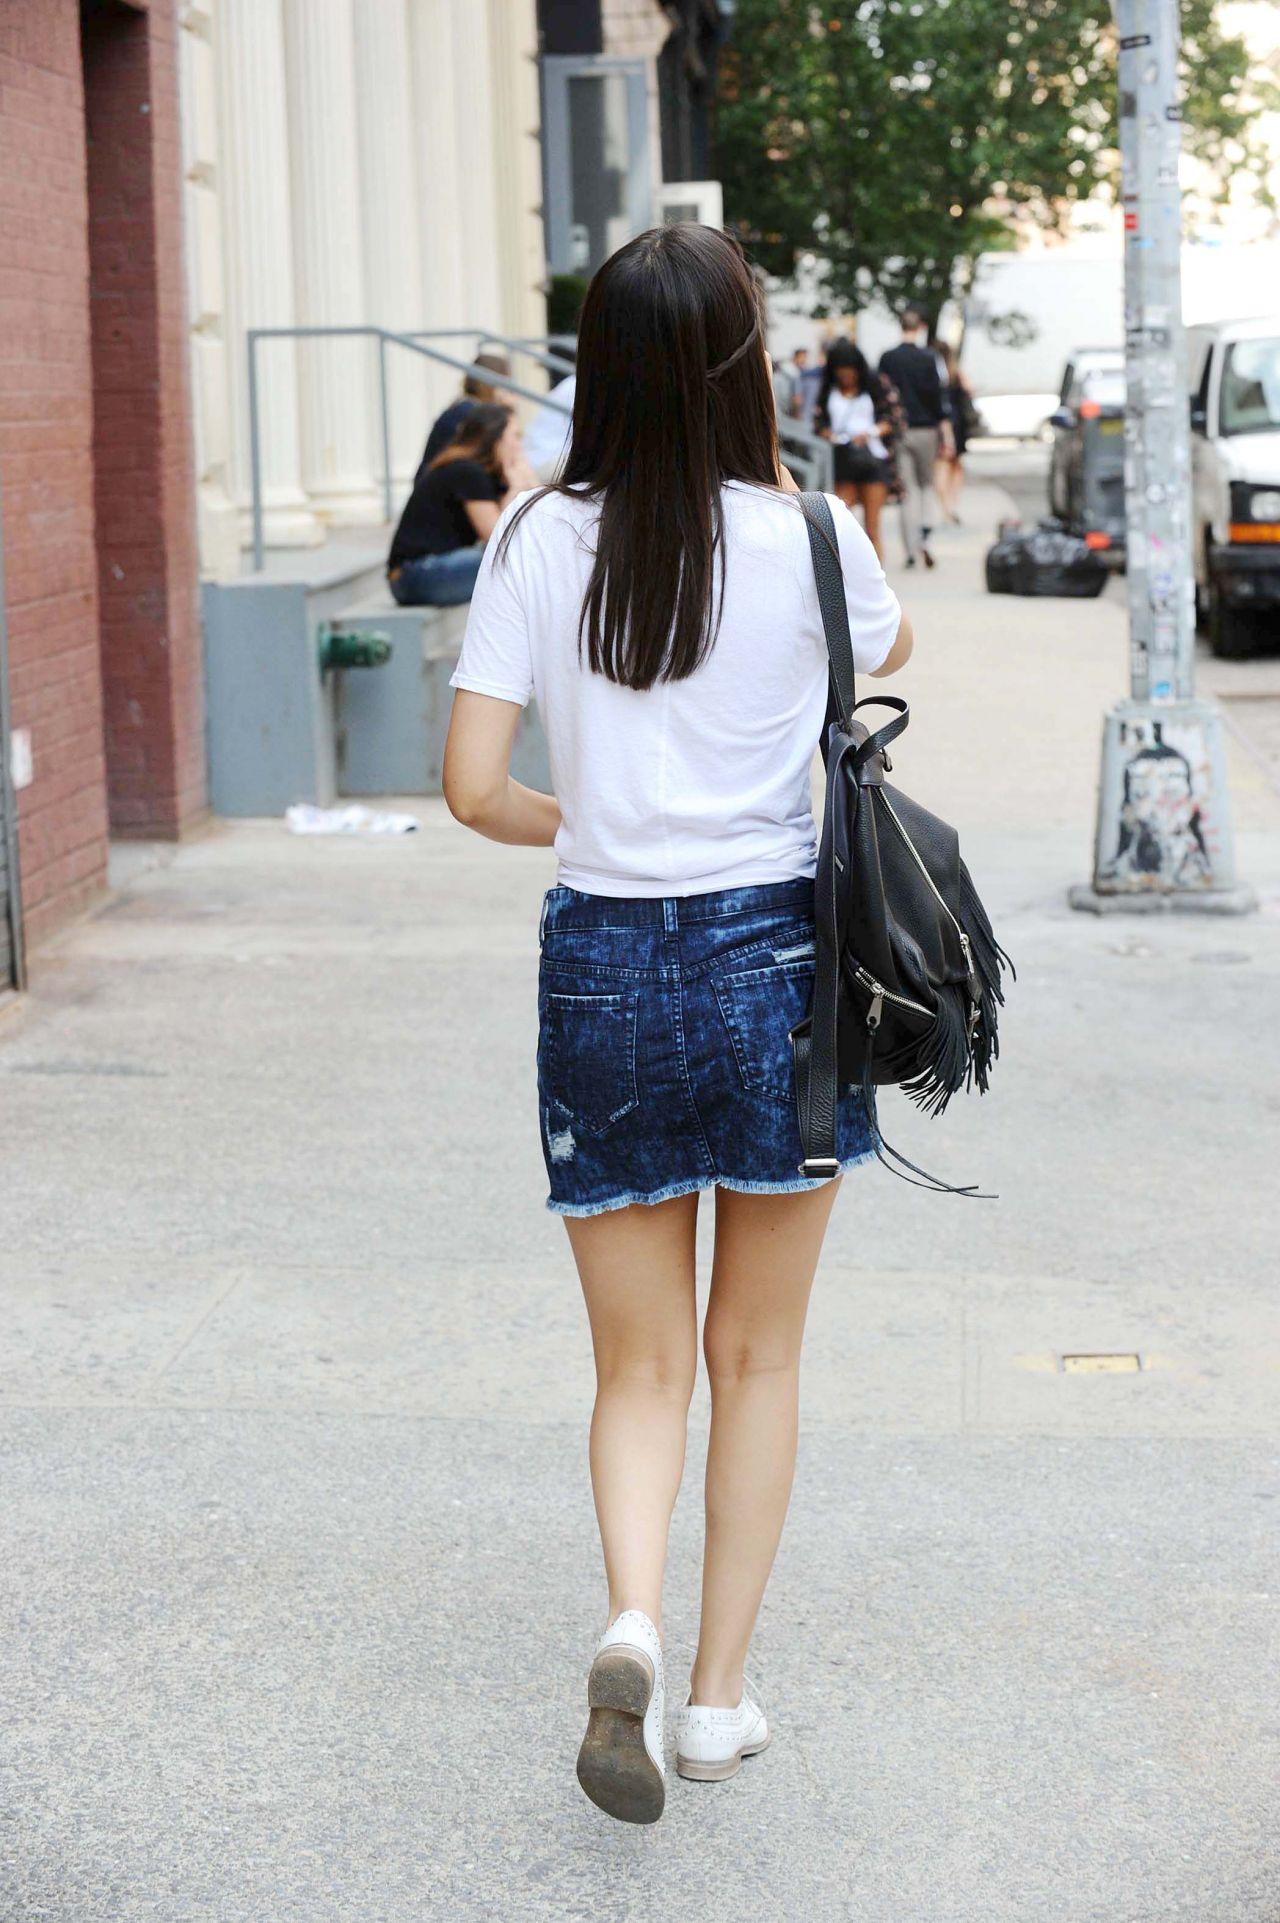 Surf En Turf >> Victoria Justice in Mini Skirt - NYC, June 2015